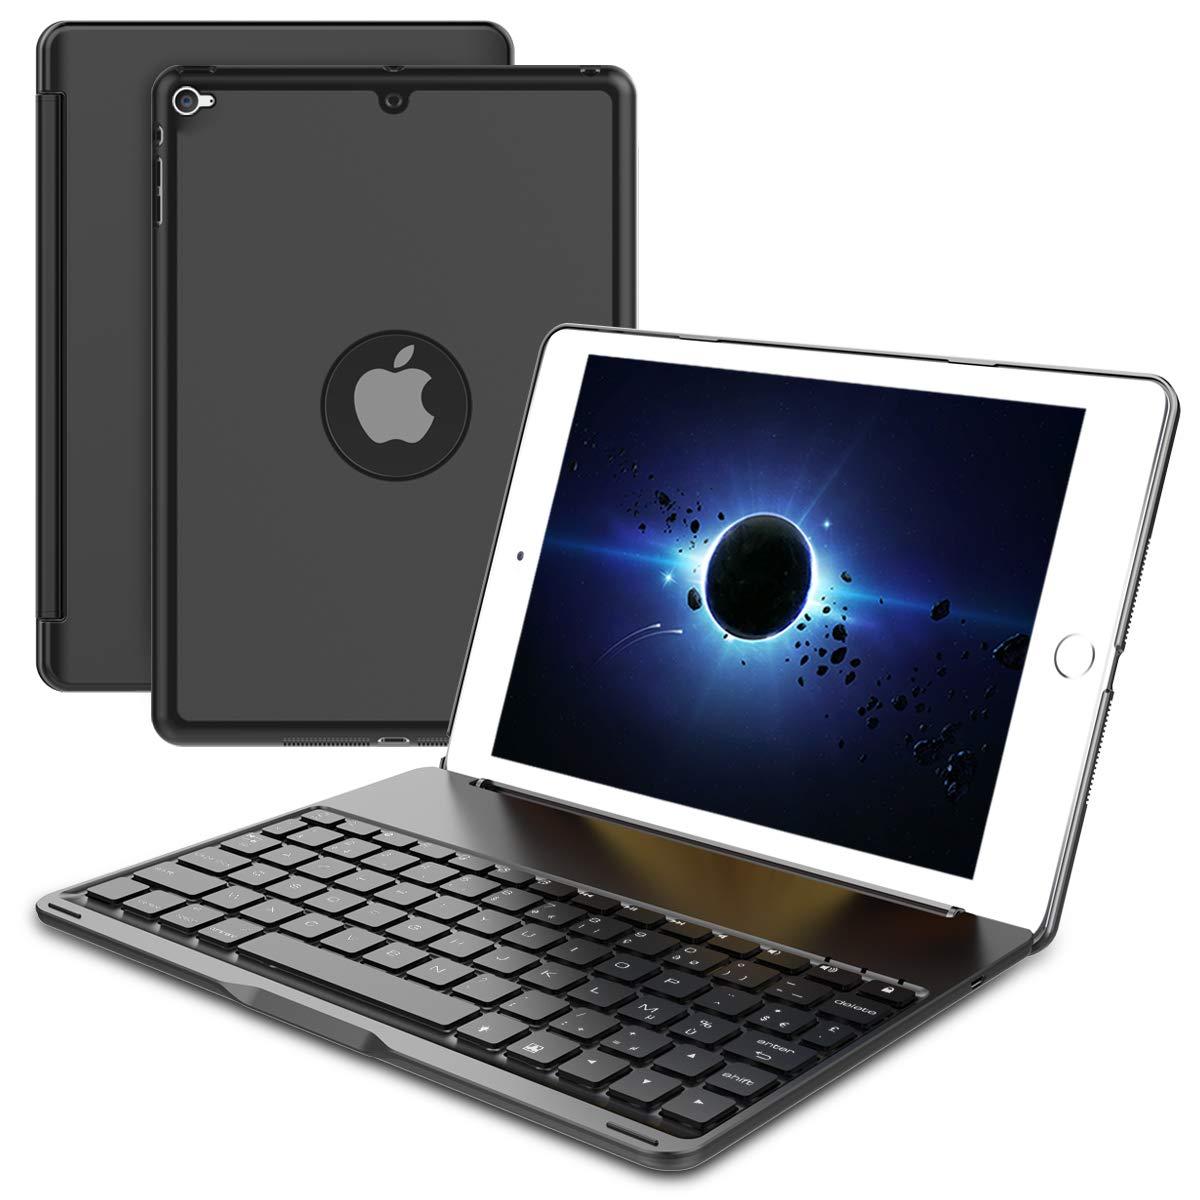 【大特価!!】 Scheam iPad Air Scheam 2ケース スリムな落下保護カバー 背中を保護 背中を保護 ブラック, ブラック, TV32-NL-413 iPad ブラック B07L6WYB1F, フリスト:8f4d271c --- a0267596.xsph.ru